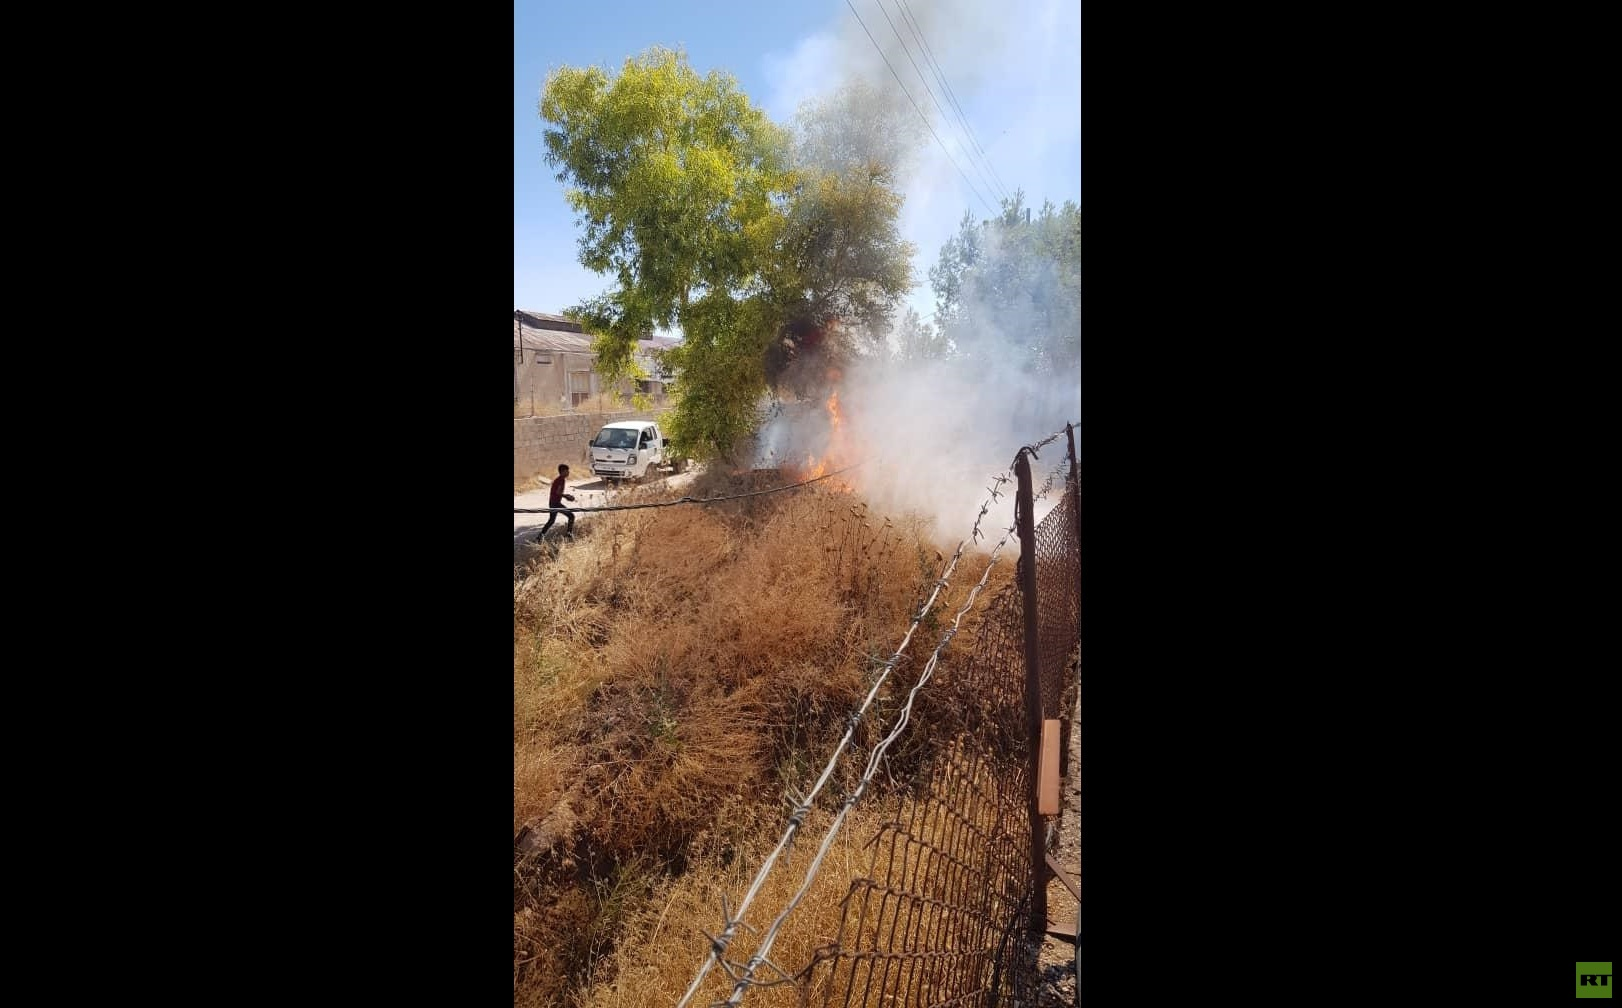 سقوط قذيفة أطلقت من الأراضي التركية على حي سكني في القامشلي